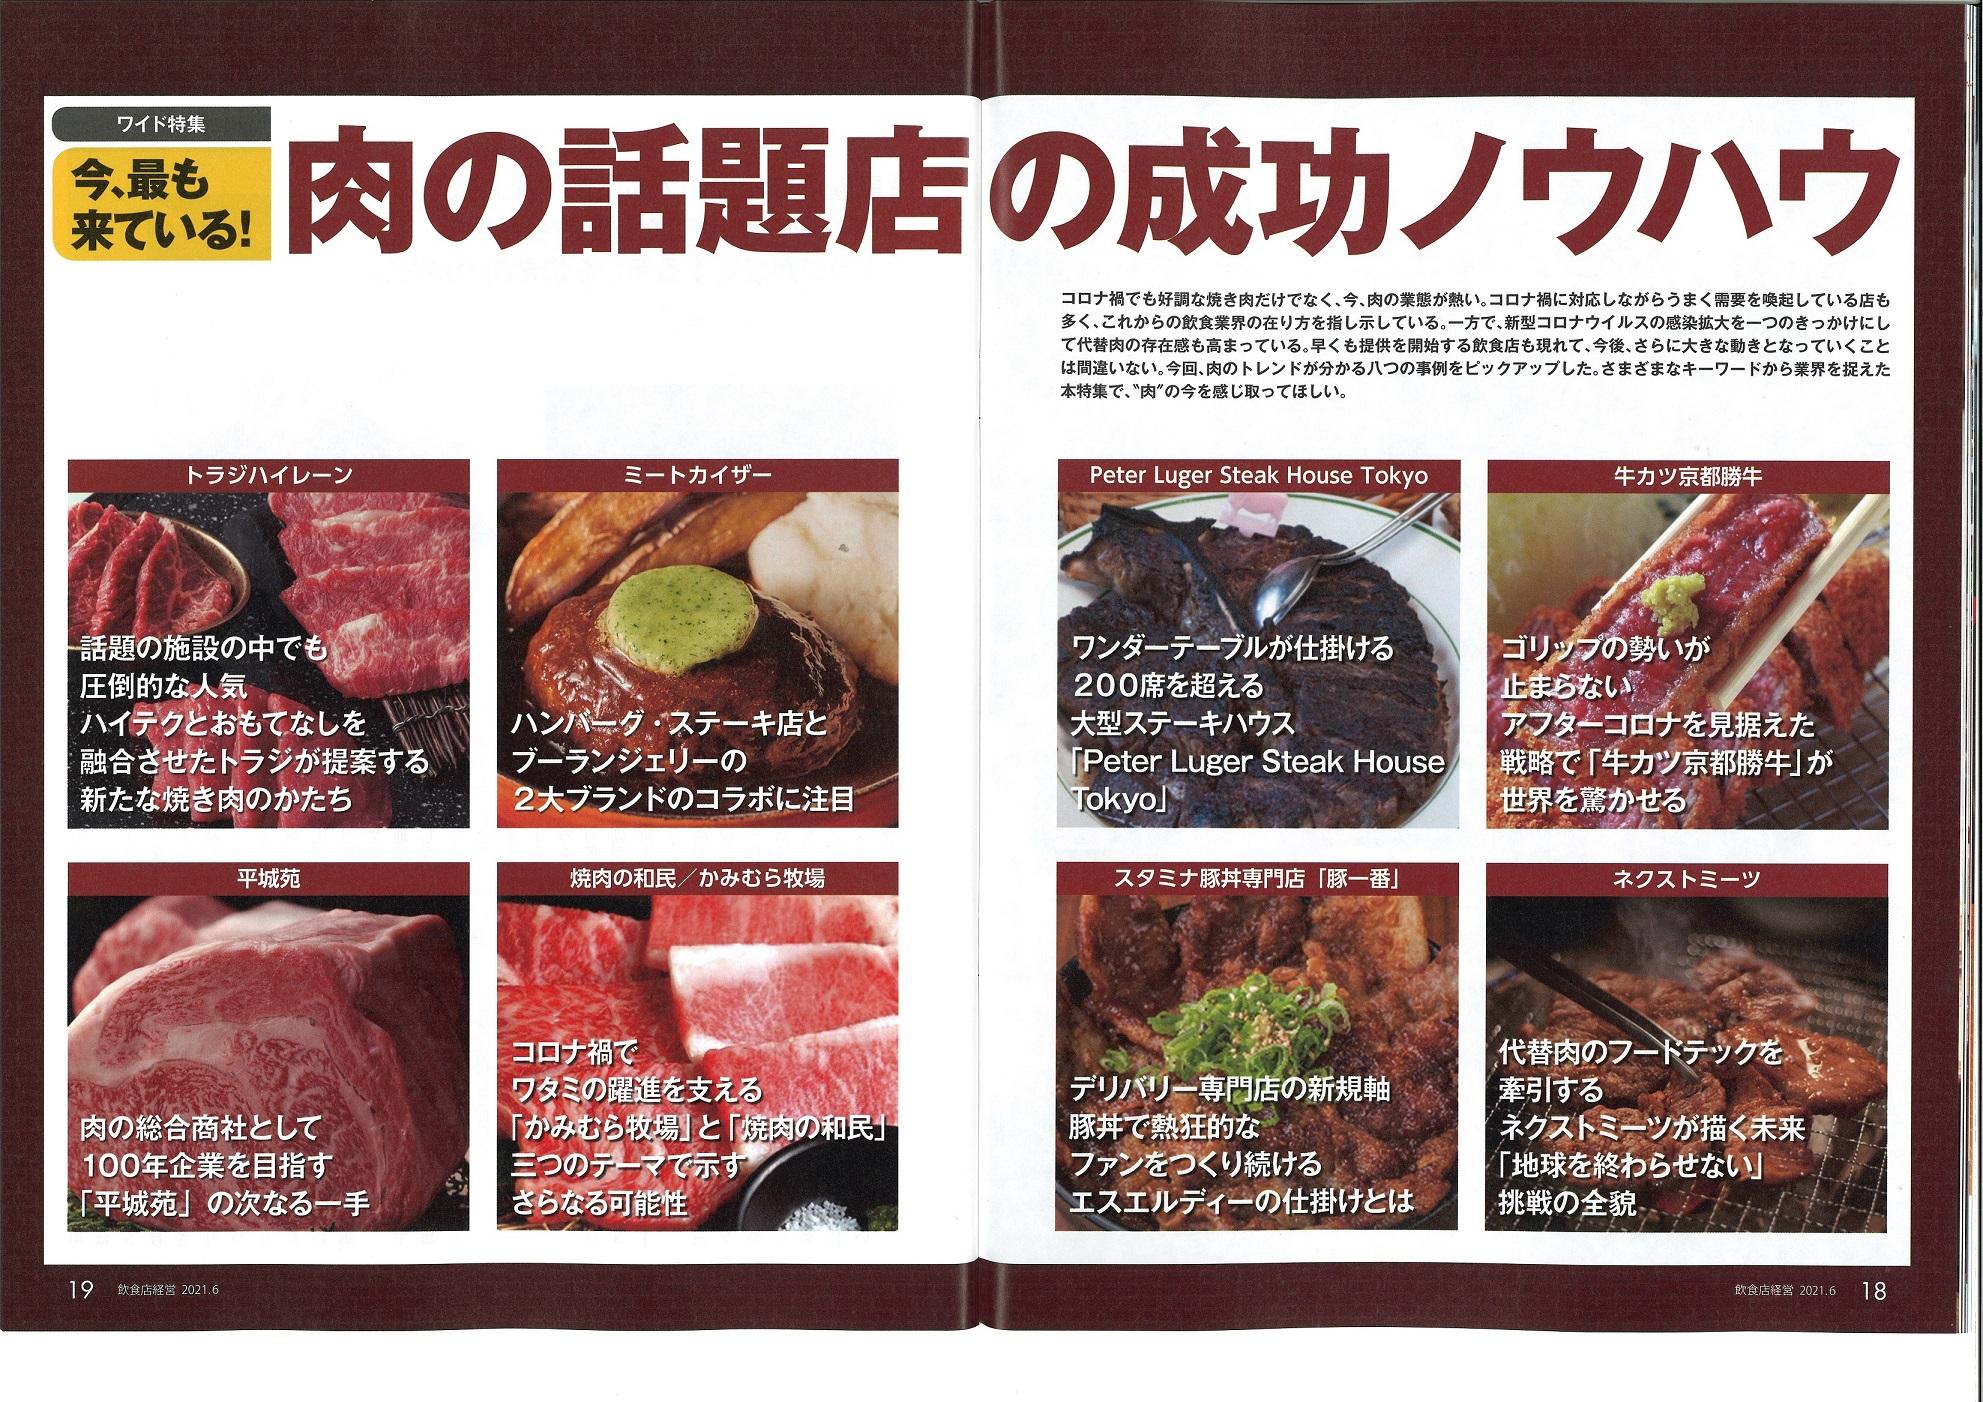 210515飲食店経営6月号_牛カツ京都勝牛_ページ_2